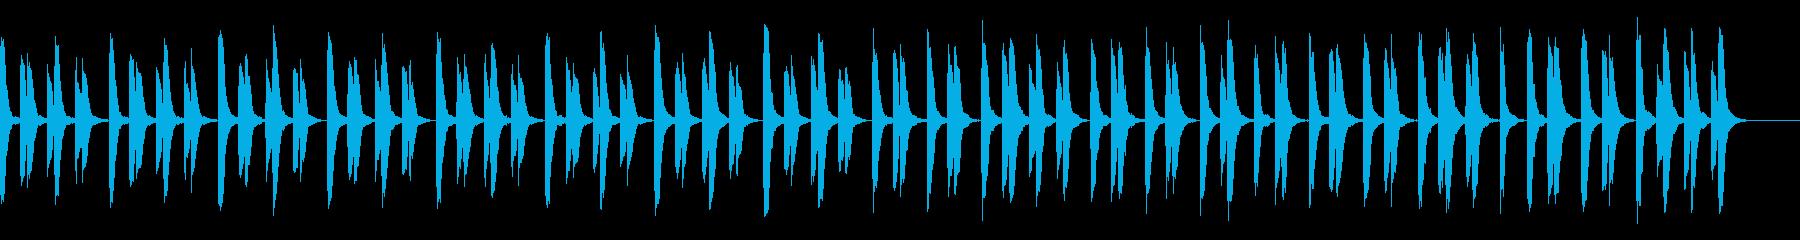 知育・料理・パズル・日常ピアノ30Aの再生済みの波形